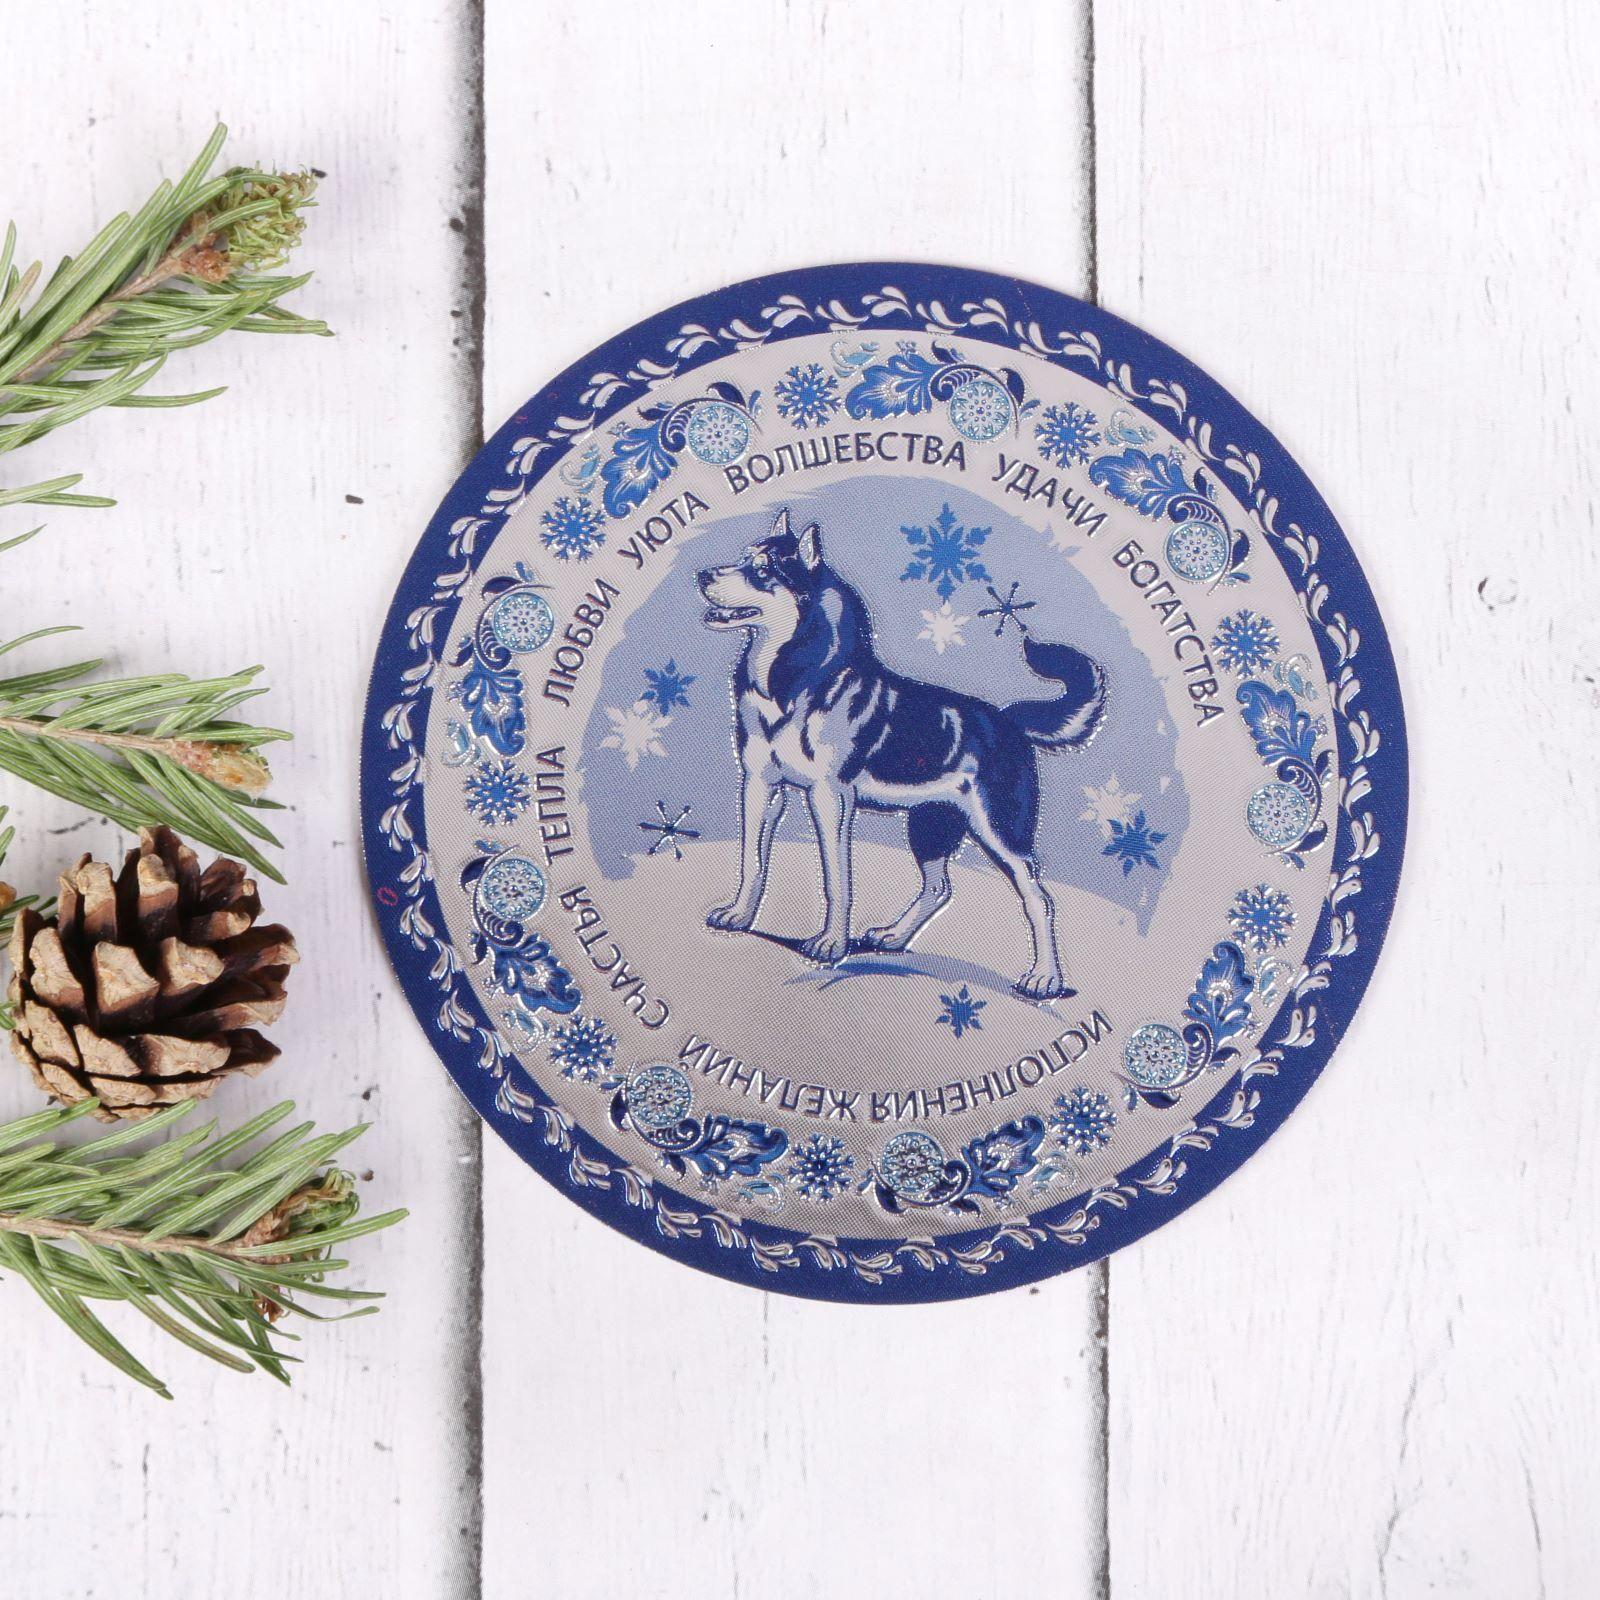 Магнит Sima-land Исполнения желаний, 8 х 8 см2299624Порадуйте родных и близких оригинальным сувениром: преподнесите в подарок магнит. С ним даже самый серьёзный человек почувствует себя ребёнком, ожидающим чудо! Создайте праздничное настроение, и оно останется с вами на весь год.